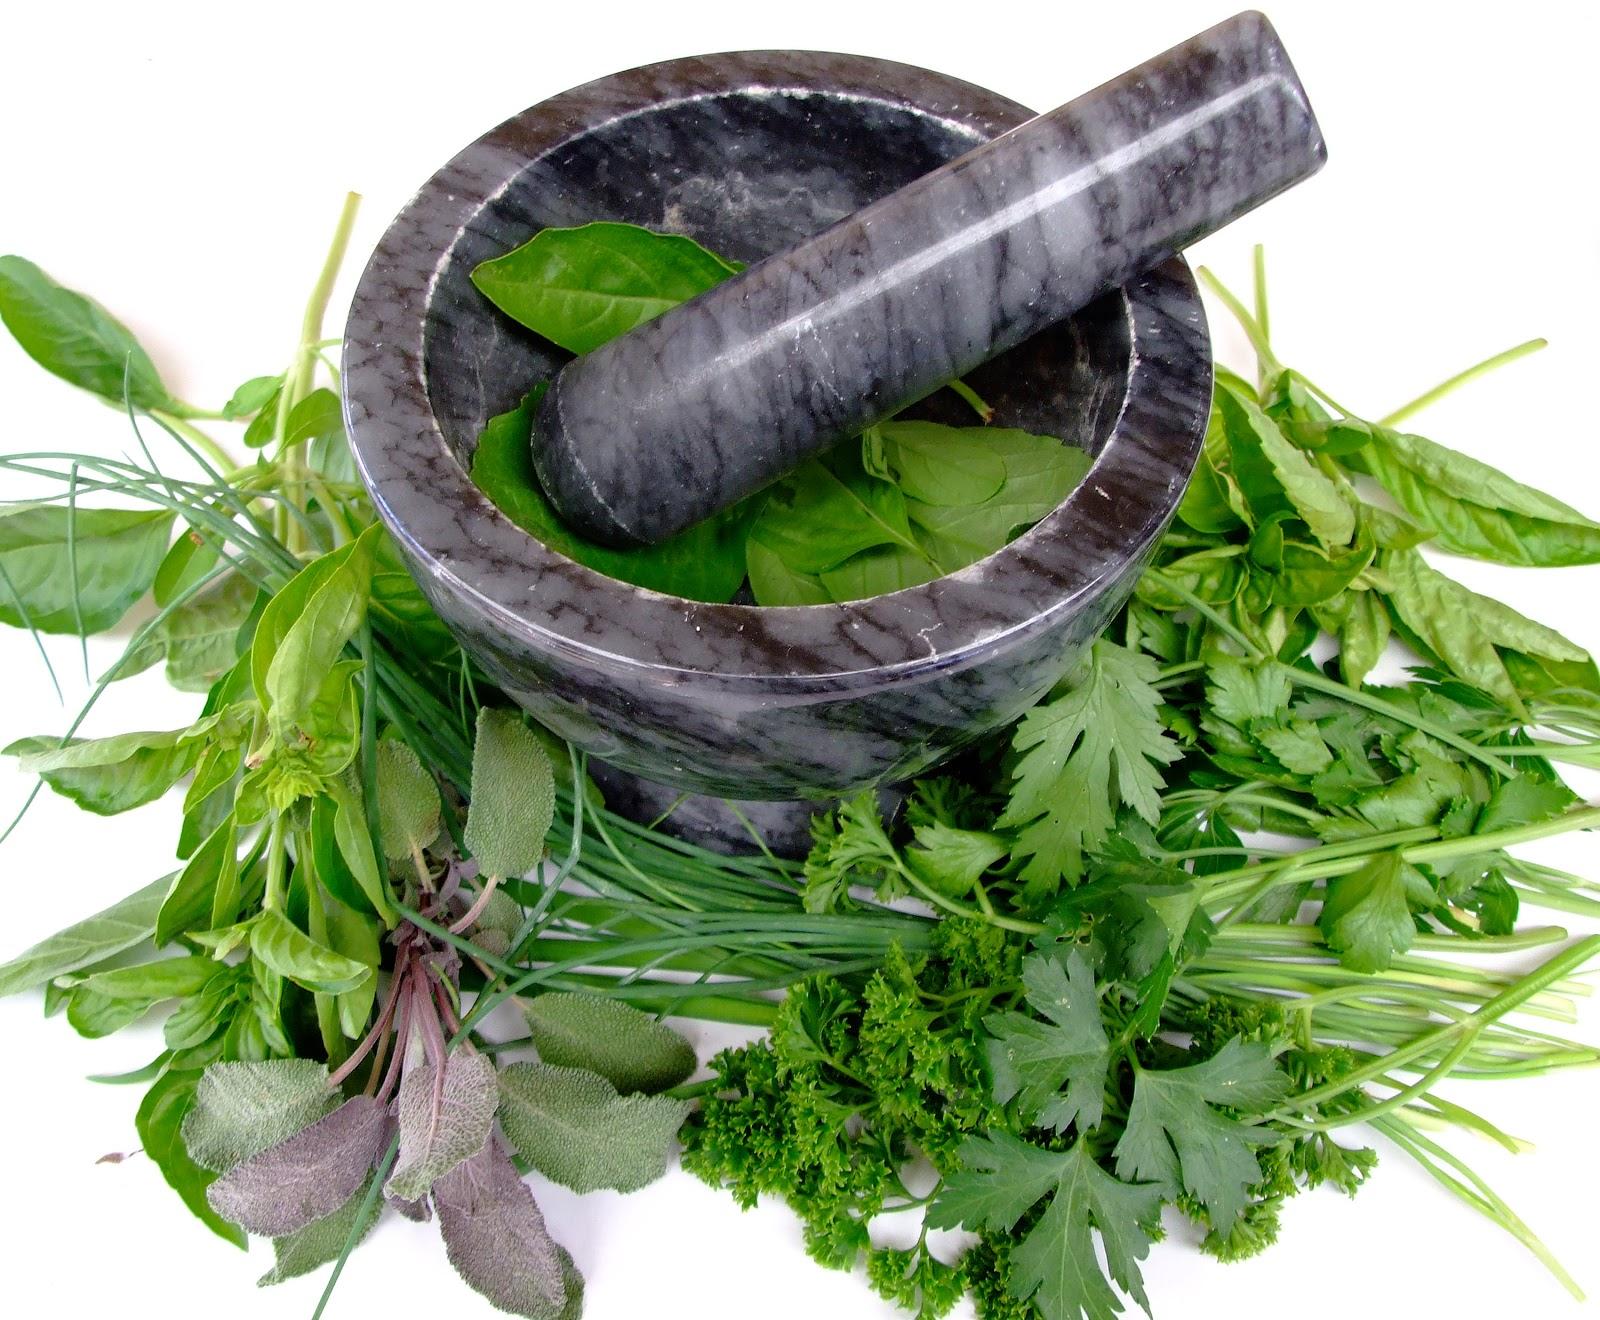 Puerta de emergencia hierbas medicinales for Hierbas y plantas medicinales